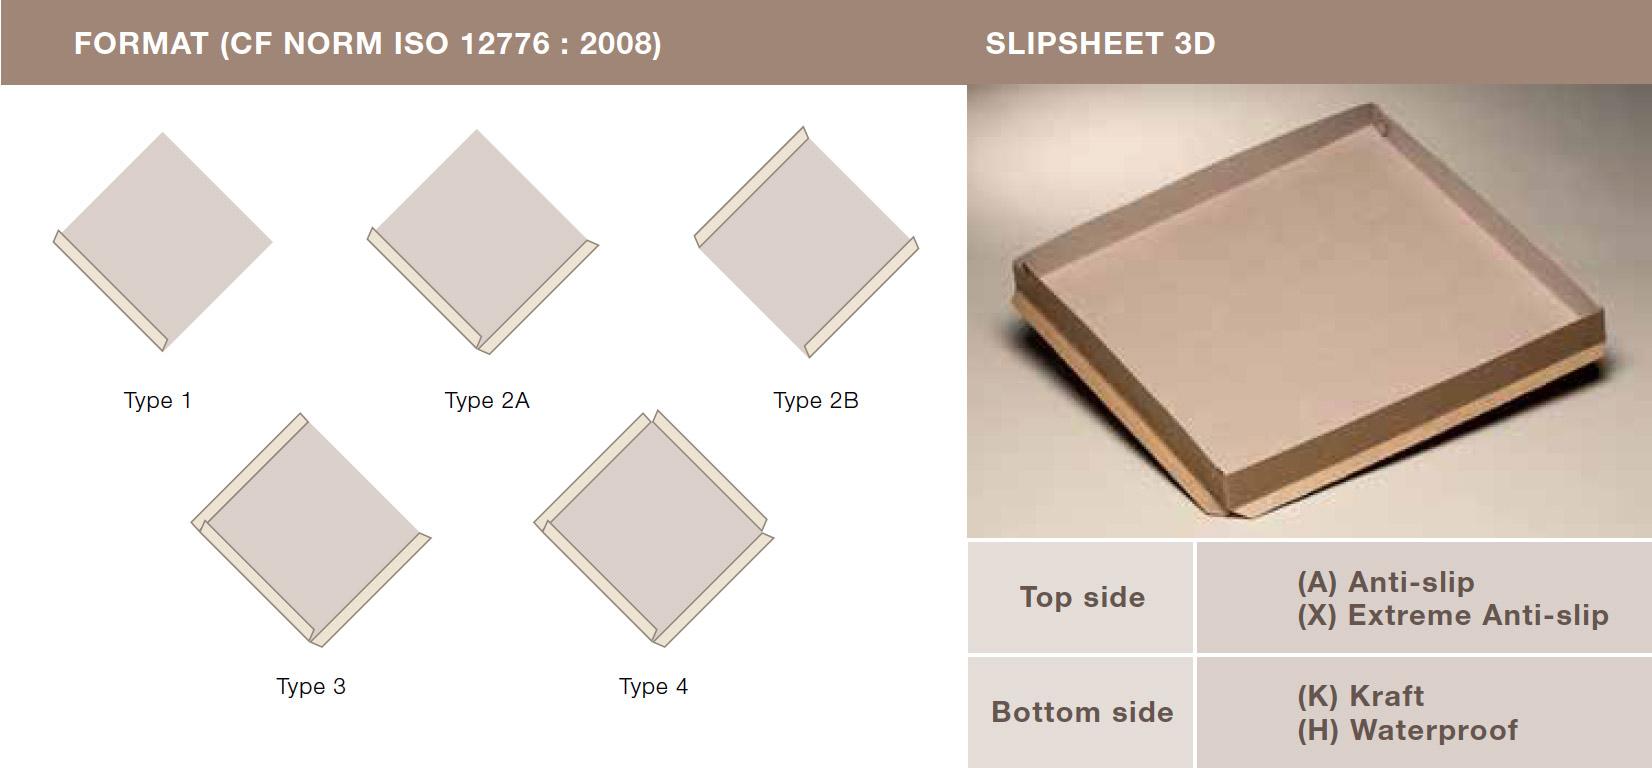 Slipsheet Formats